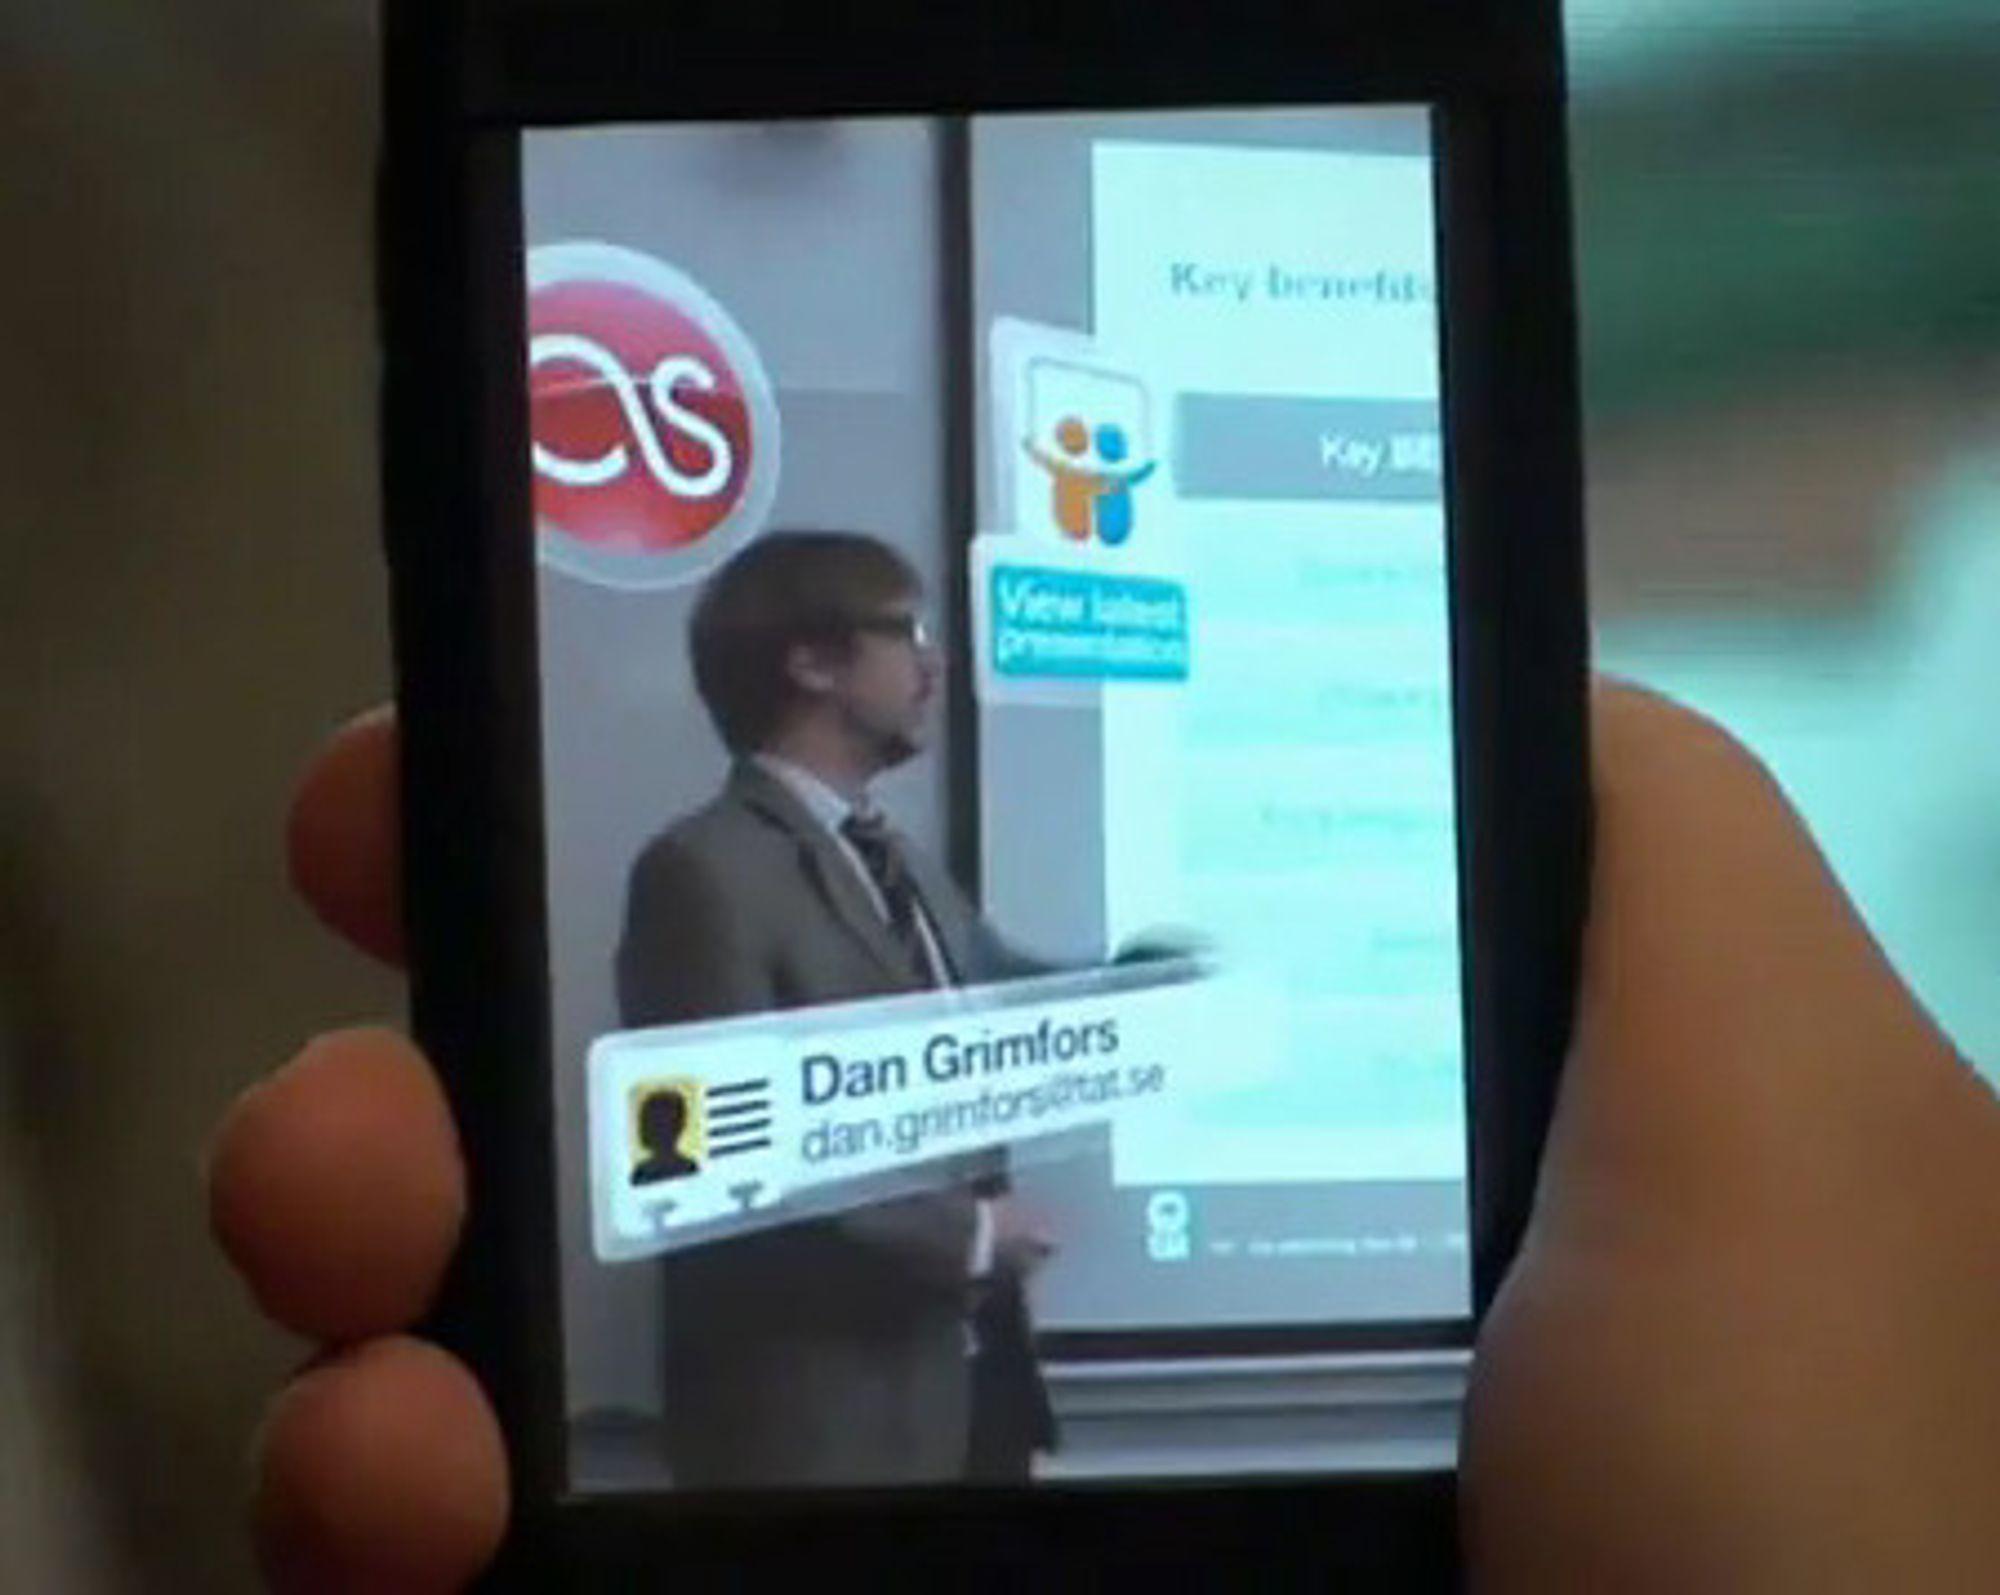 Recognizr fra Polar Rose bruker mobiltelefonens kamera til straks å gjenkjenne foredragsholderen på ansiktet, og legger opp lenker til hans ulike profiler. (Fra demovideoen på Youtube.)